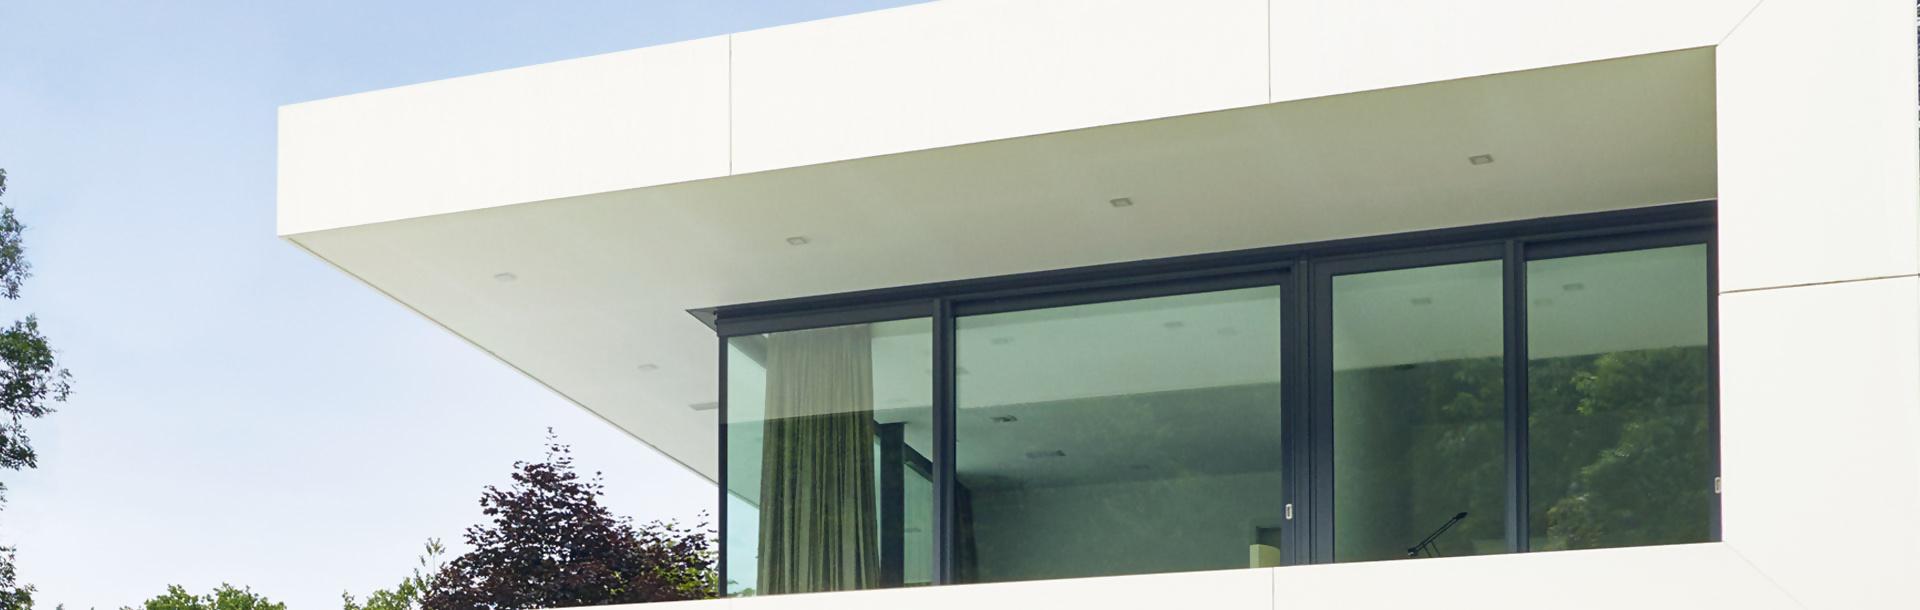 Full Size of Fenster Schüco Schco Sicherheit Sichere Winkhaus Runde Polen Konfigurieren Drutex Alu Bodentiefe Klebefolie Wärmeschutzfolie Pvc Velux Preise Holz Fenster Fenster Schüco